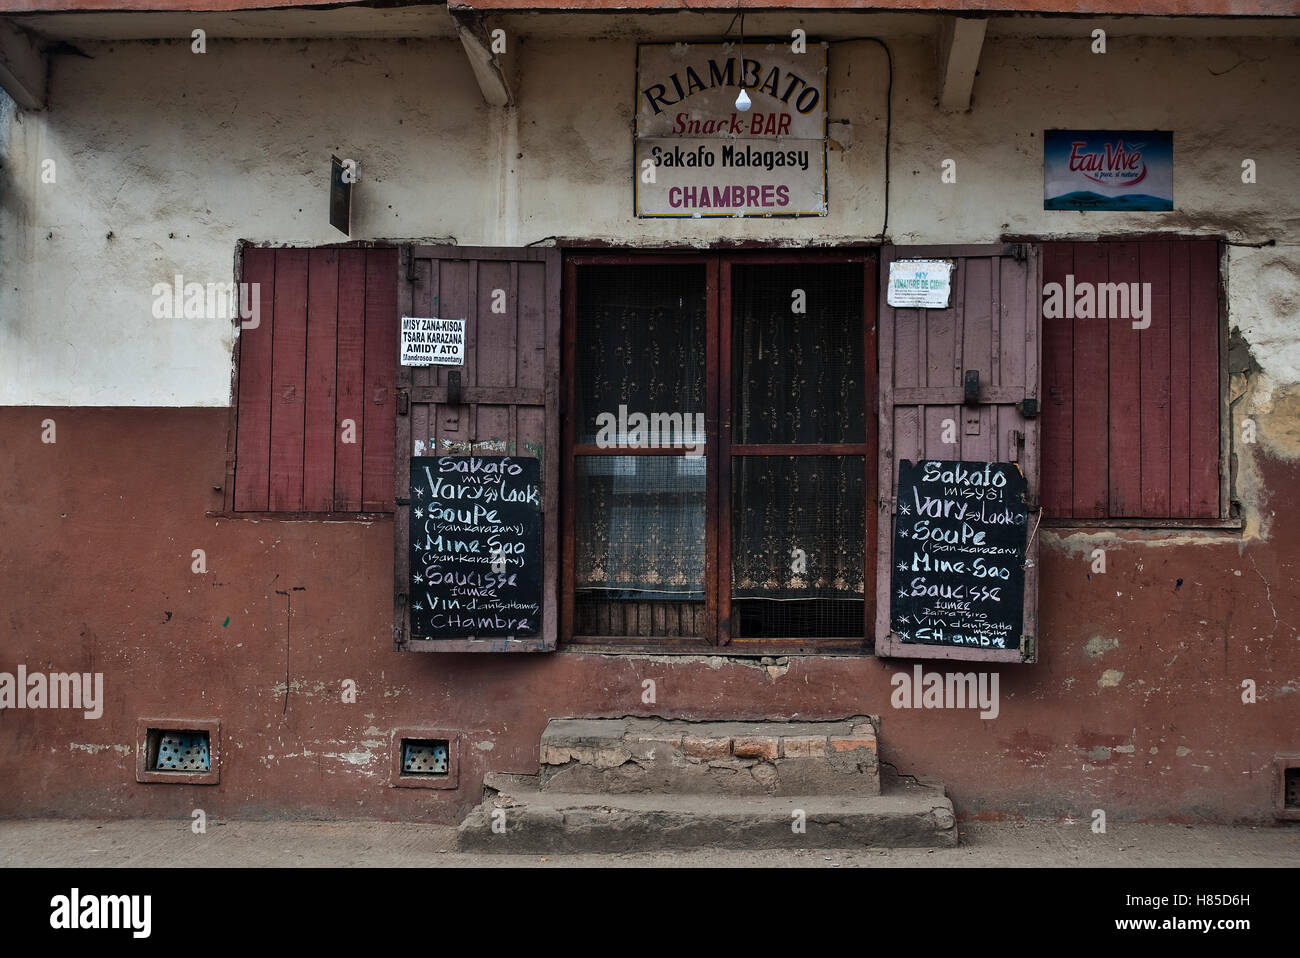 Eingang ein billiges Restaurant (Madagaskar) Stockbild